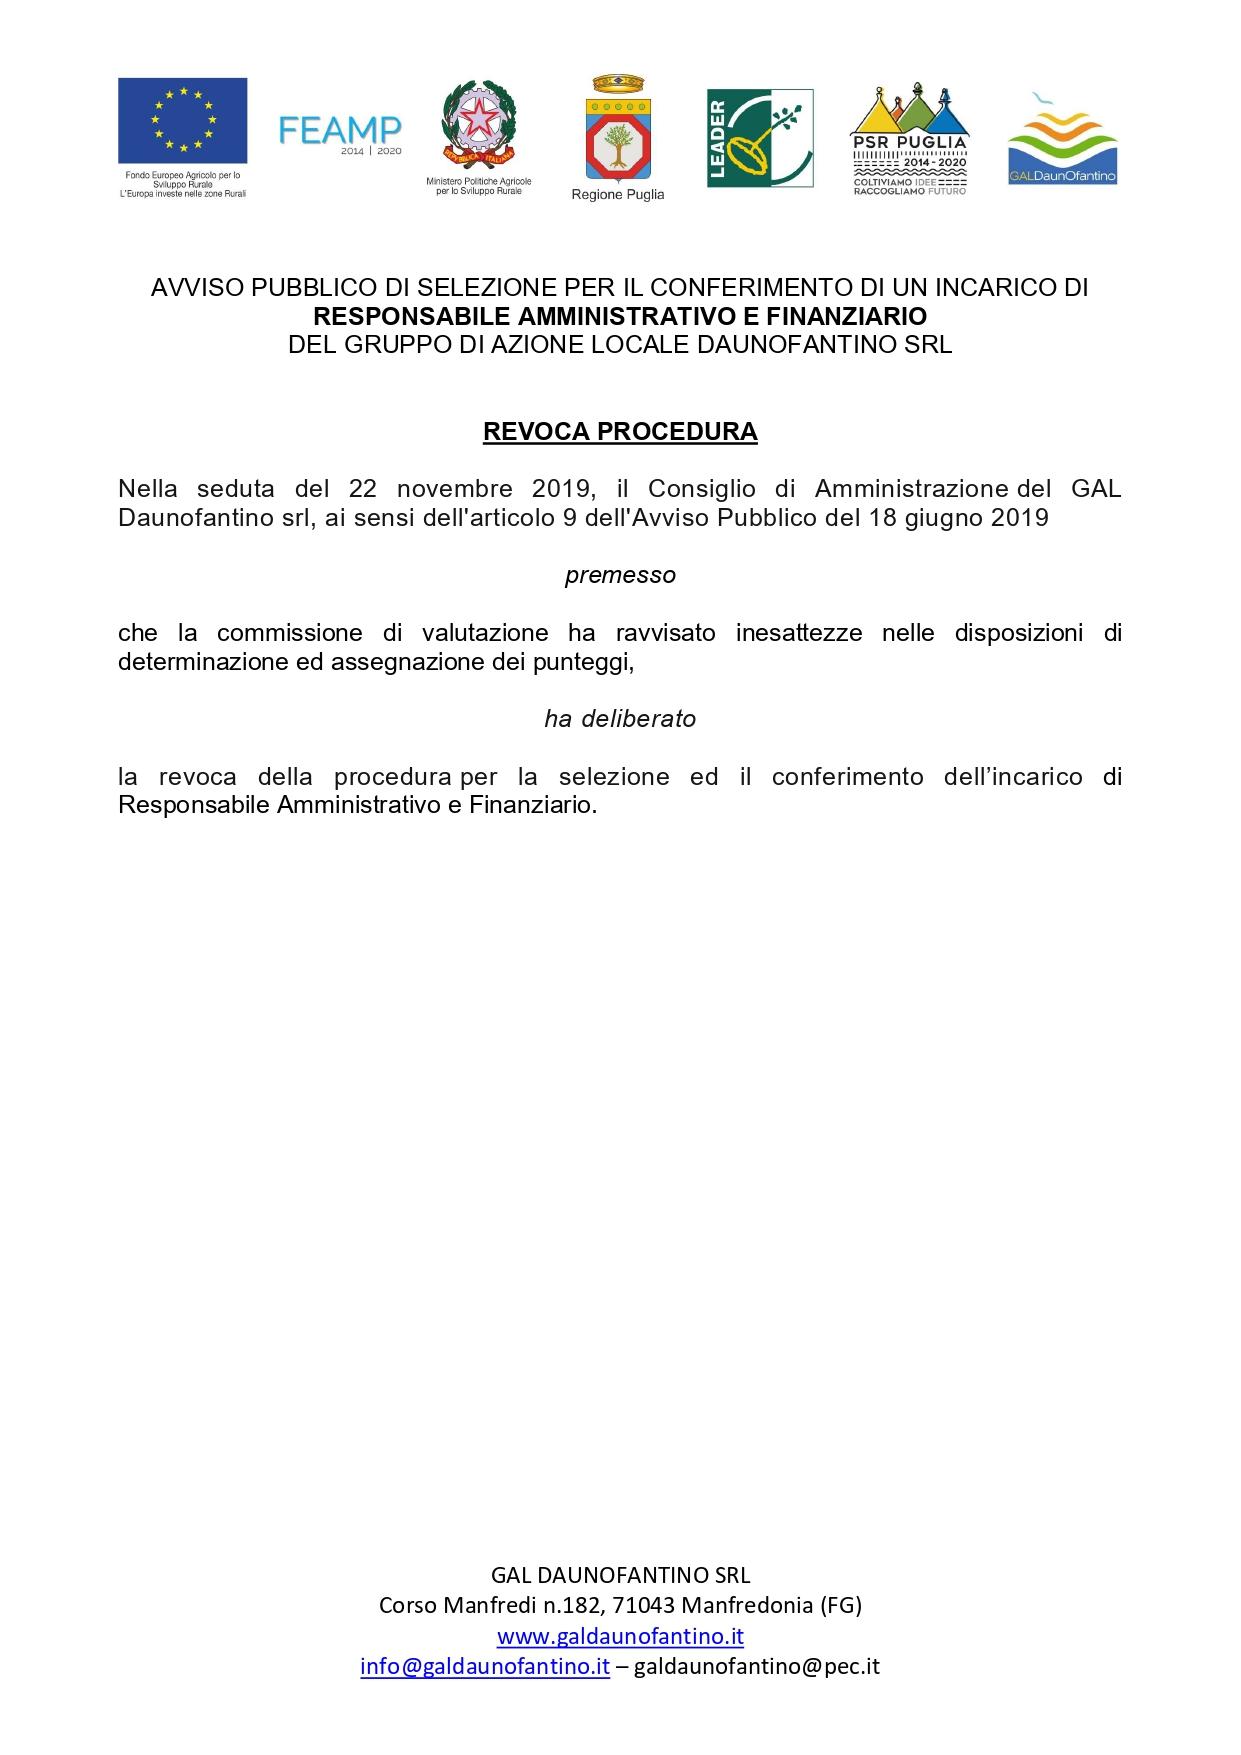 comunicazione procedura revoca bando raf_nov2019_pages-to-jpg-0001